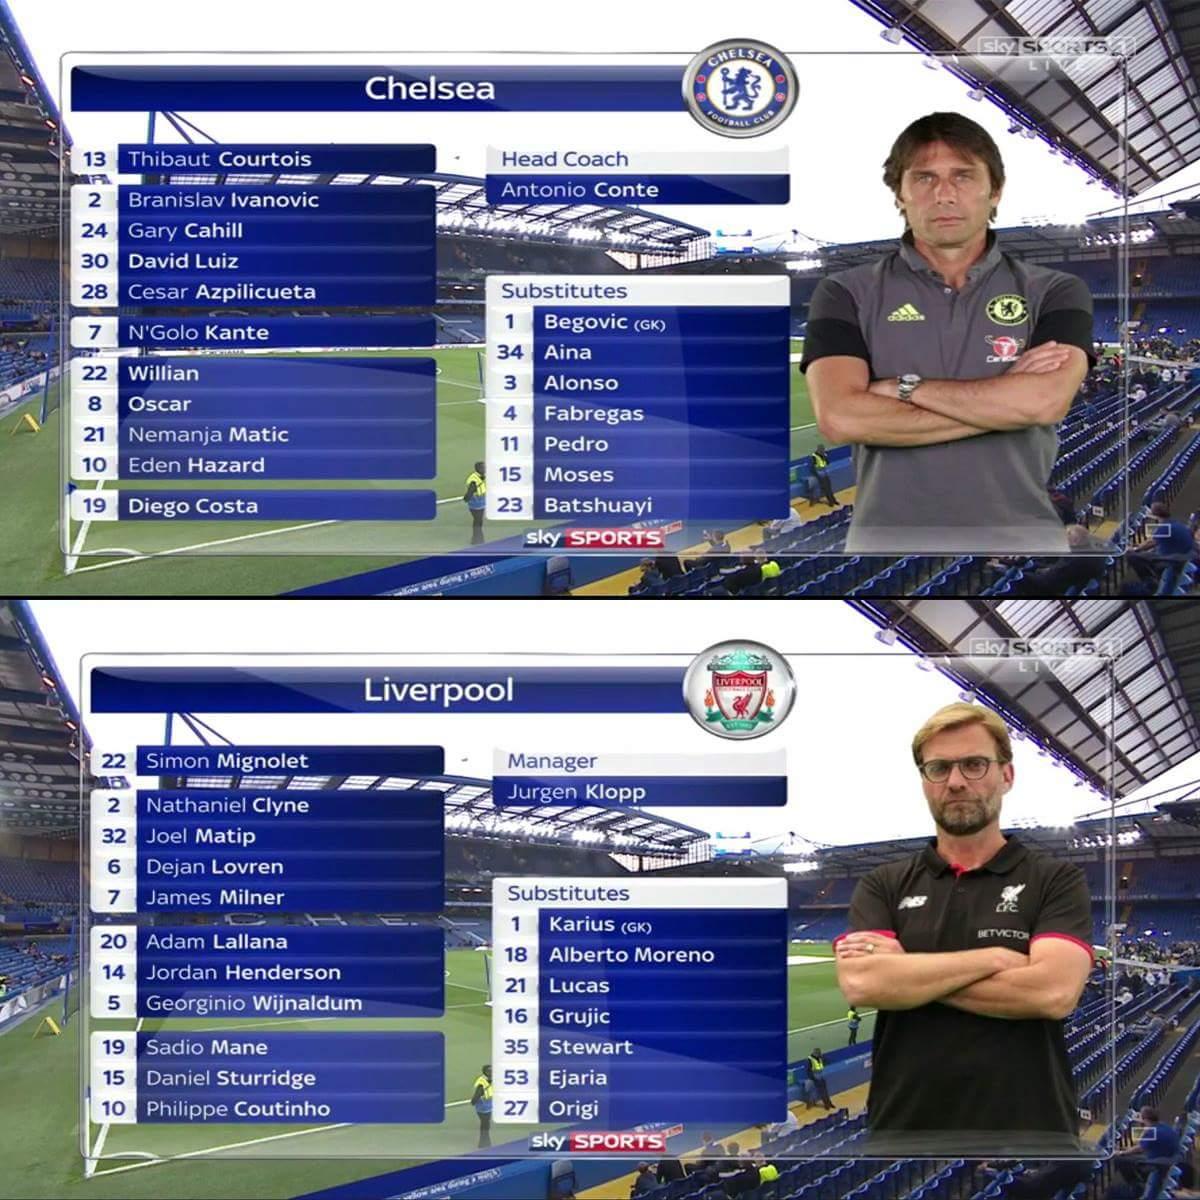 Anh em còn thức không ? :3 Sắp đến giờ điên của trận Siêu điên rồ rồi. :v  #Chelsea vs...